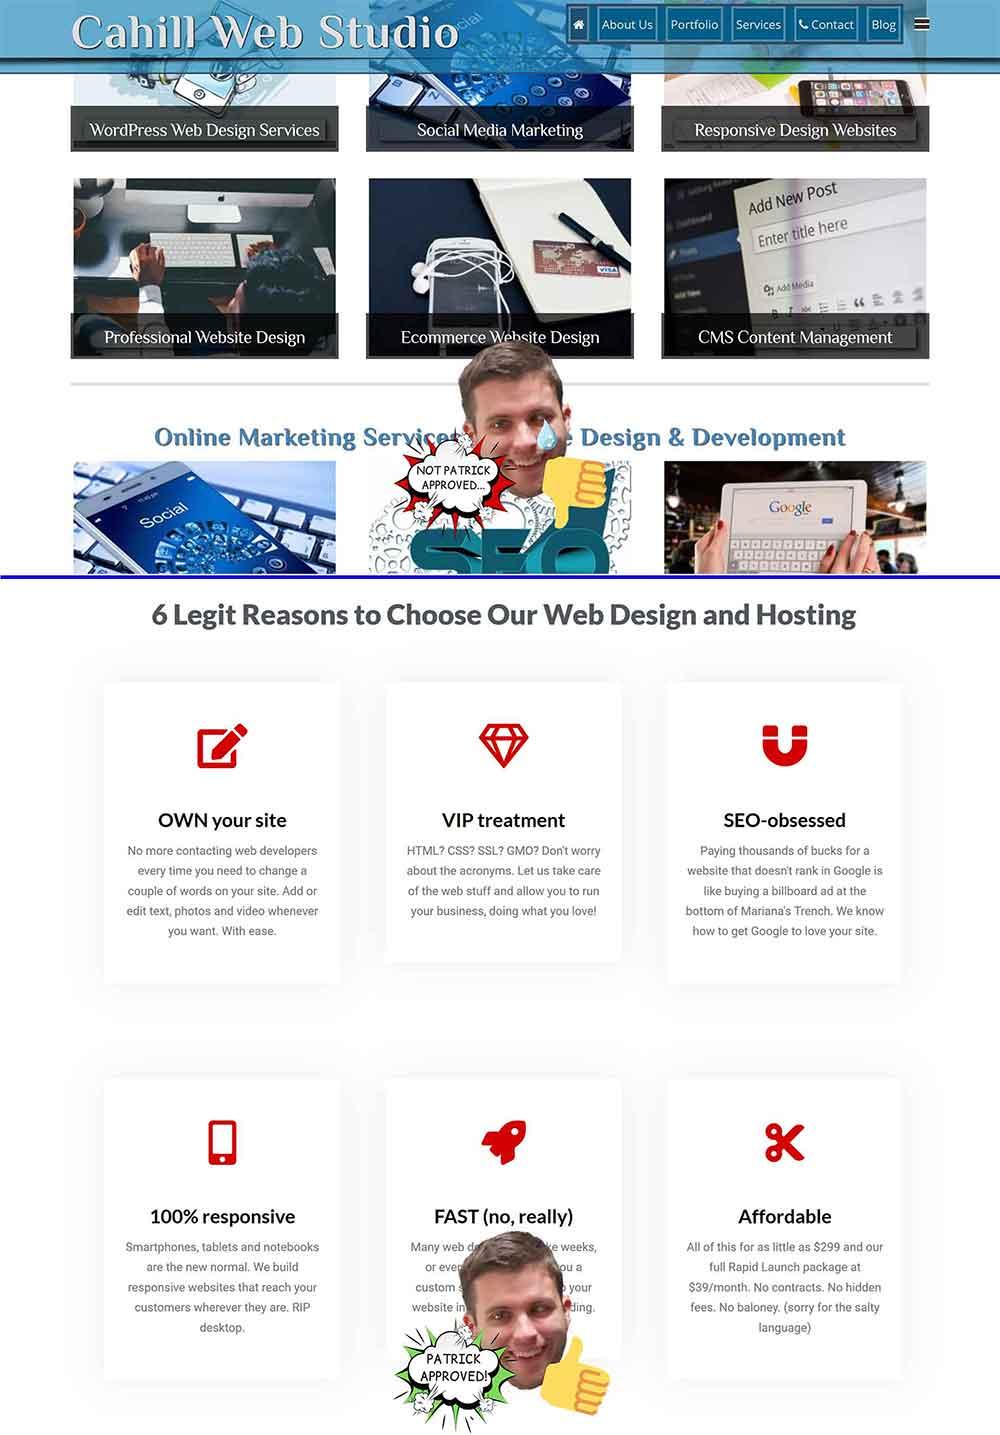 website white space comparison 1